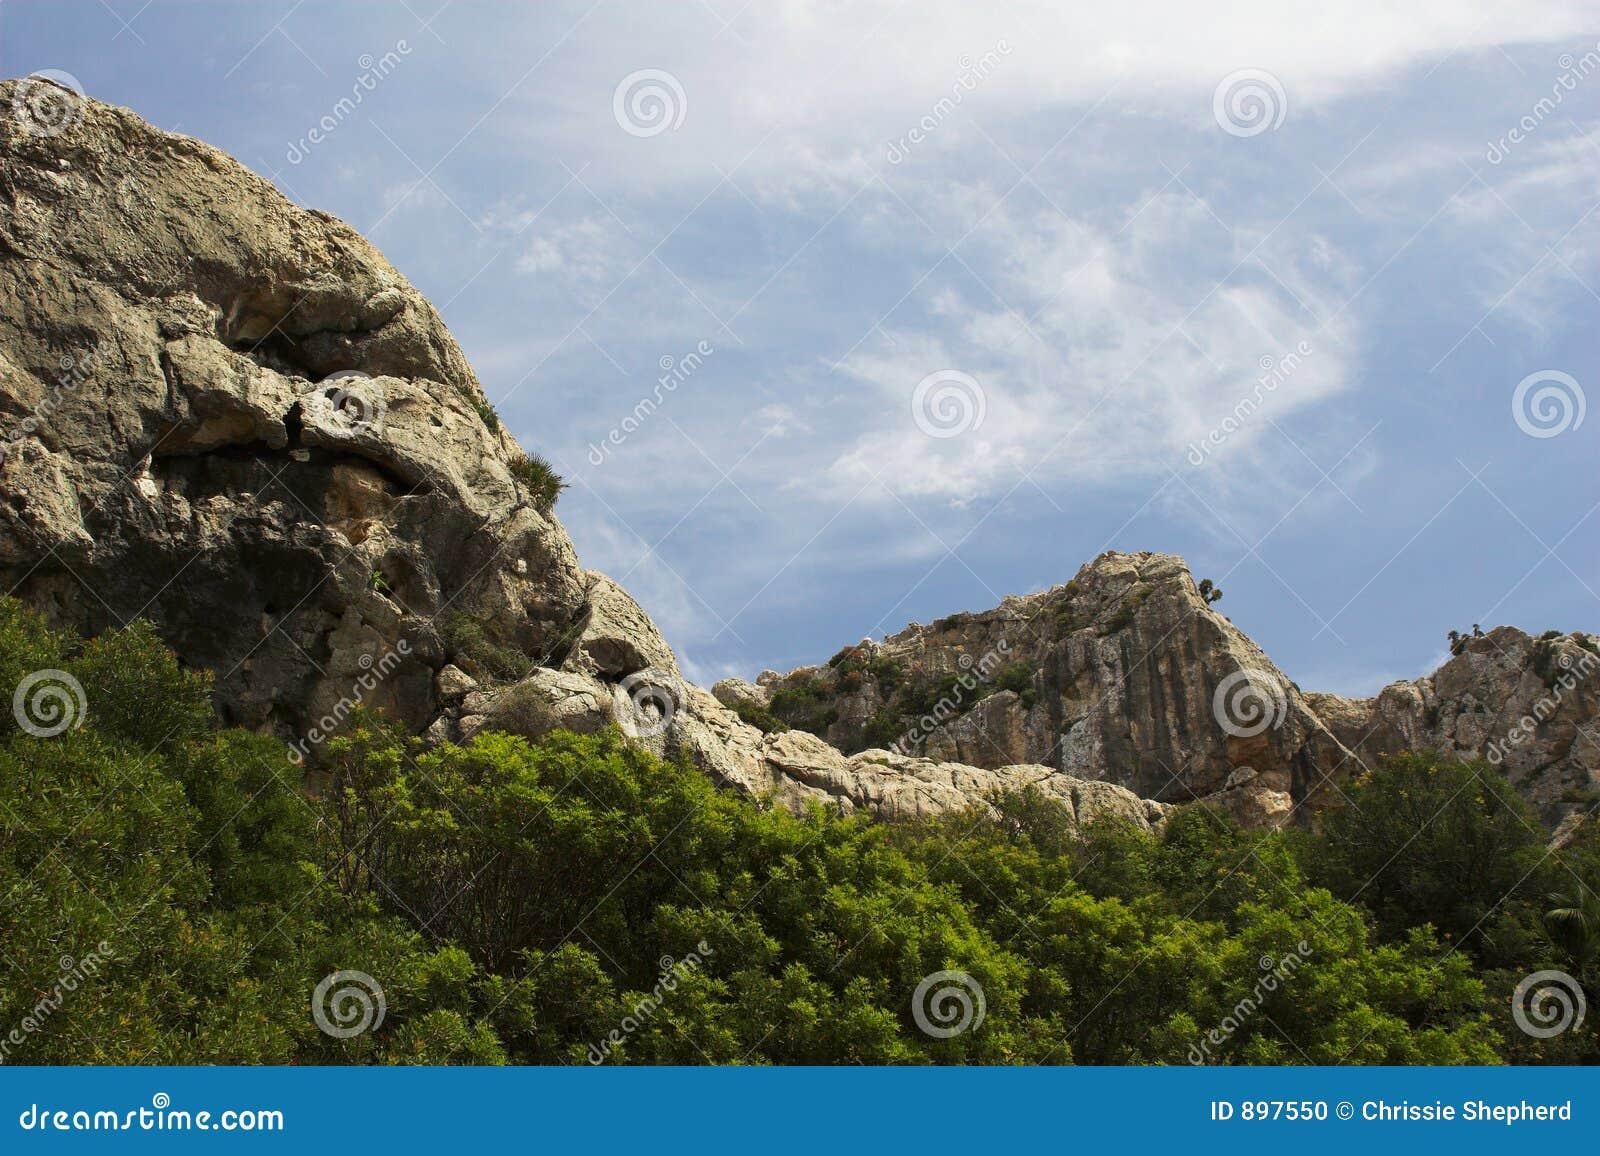 Drzewo niebiańskiej góry